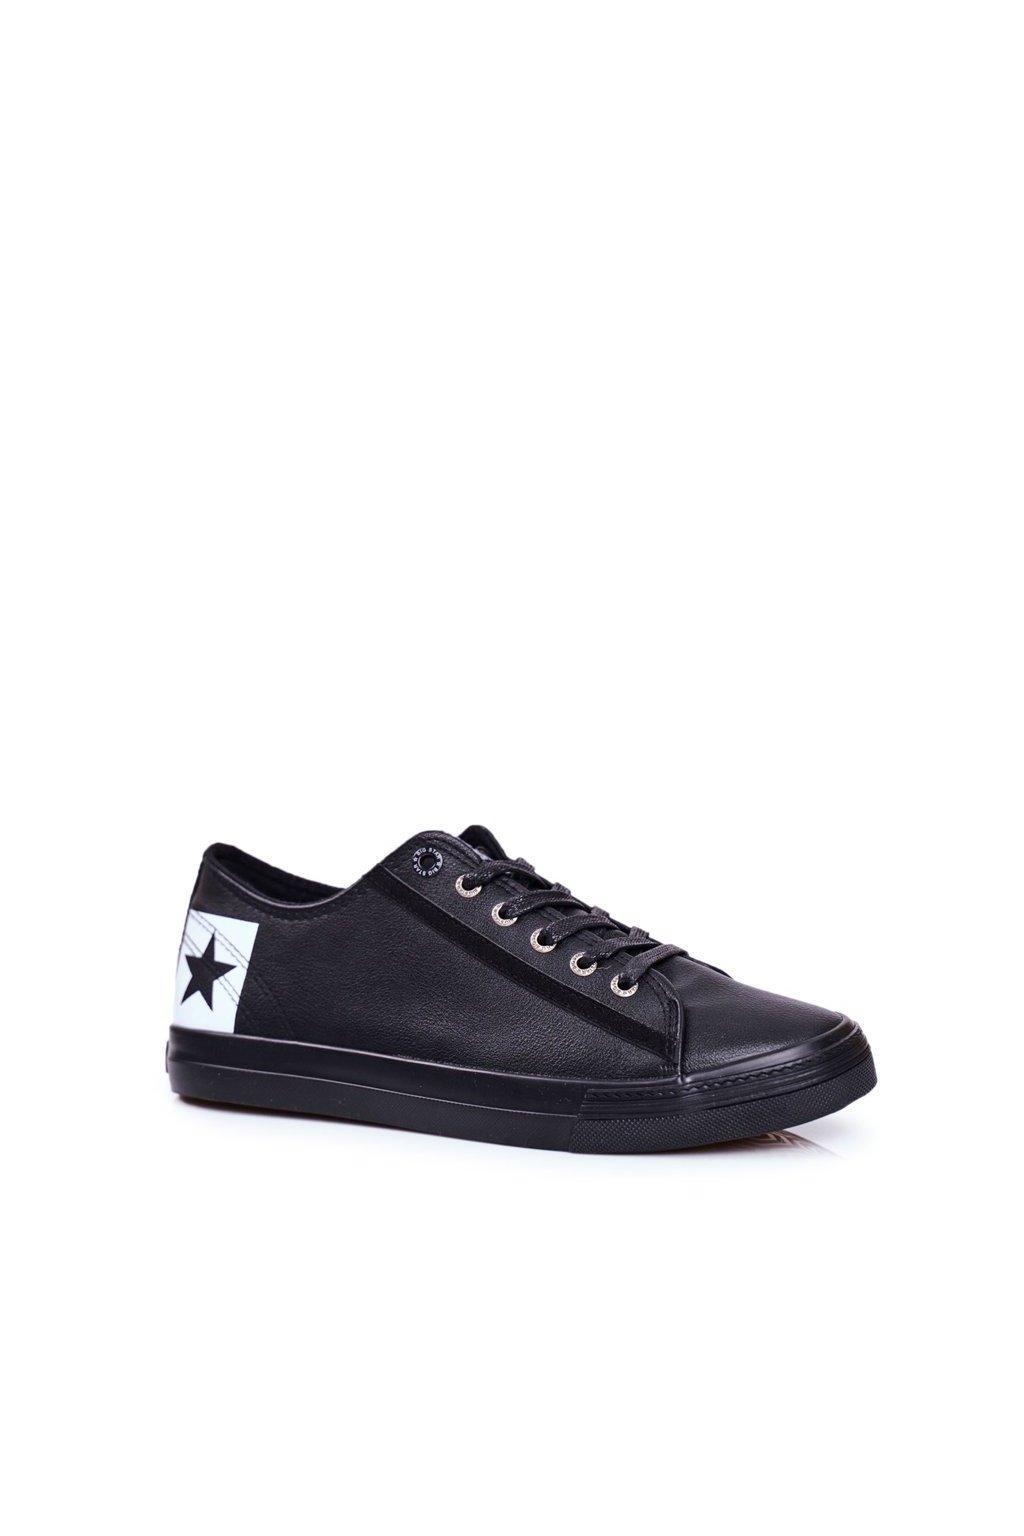 Čierna obuv kód topánok EE174160